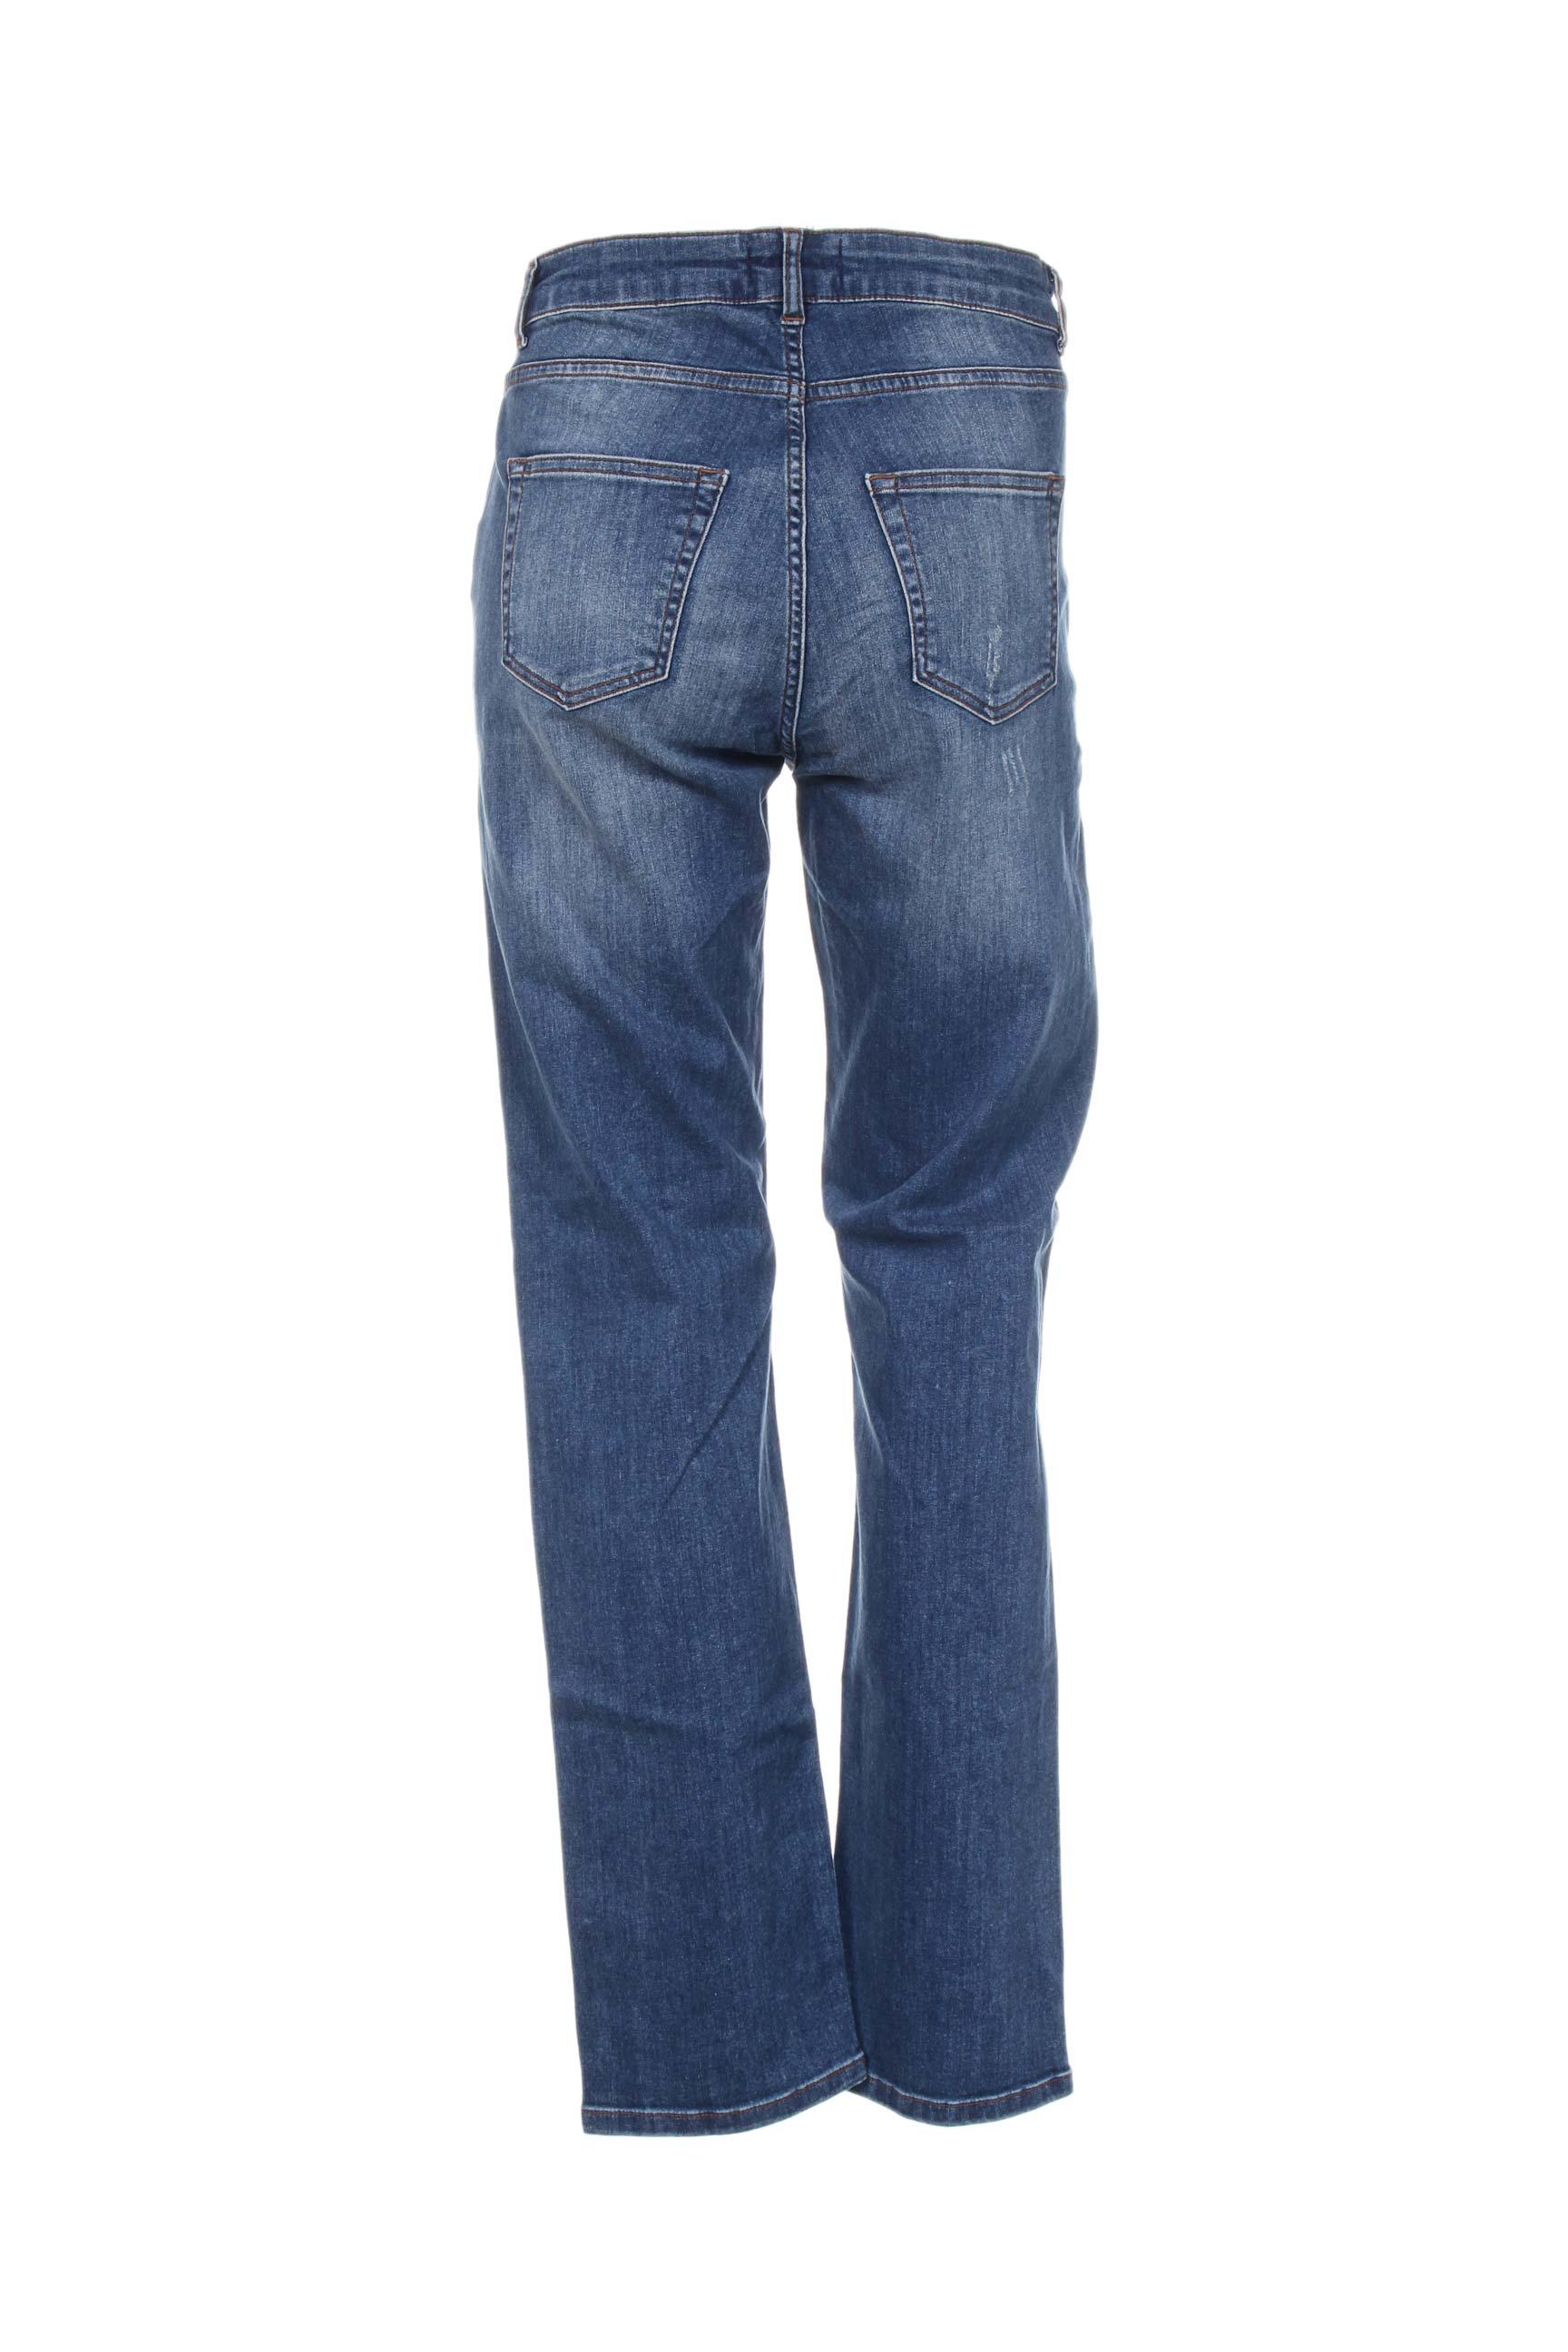 Aprico Jeans Coupe Droite Femme De Couleur Bleu En Soldes Pas Cher 1143791-bleu00